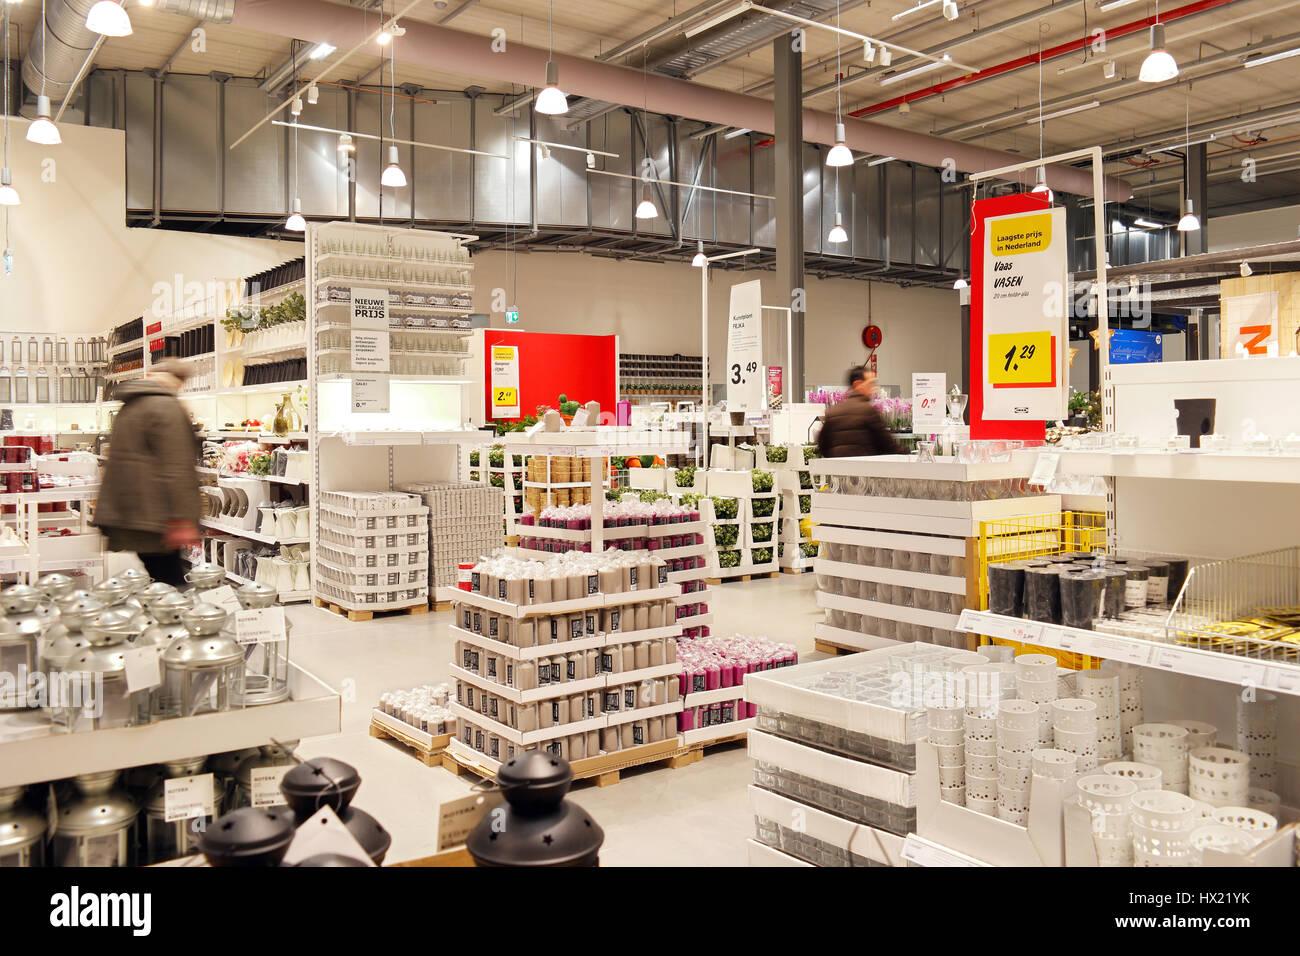 Area di magazzino di Ikea furniture store Immagini Stock